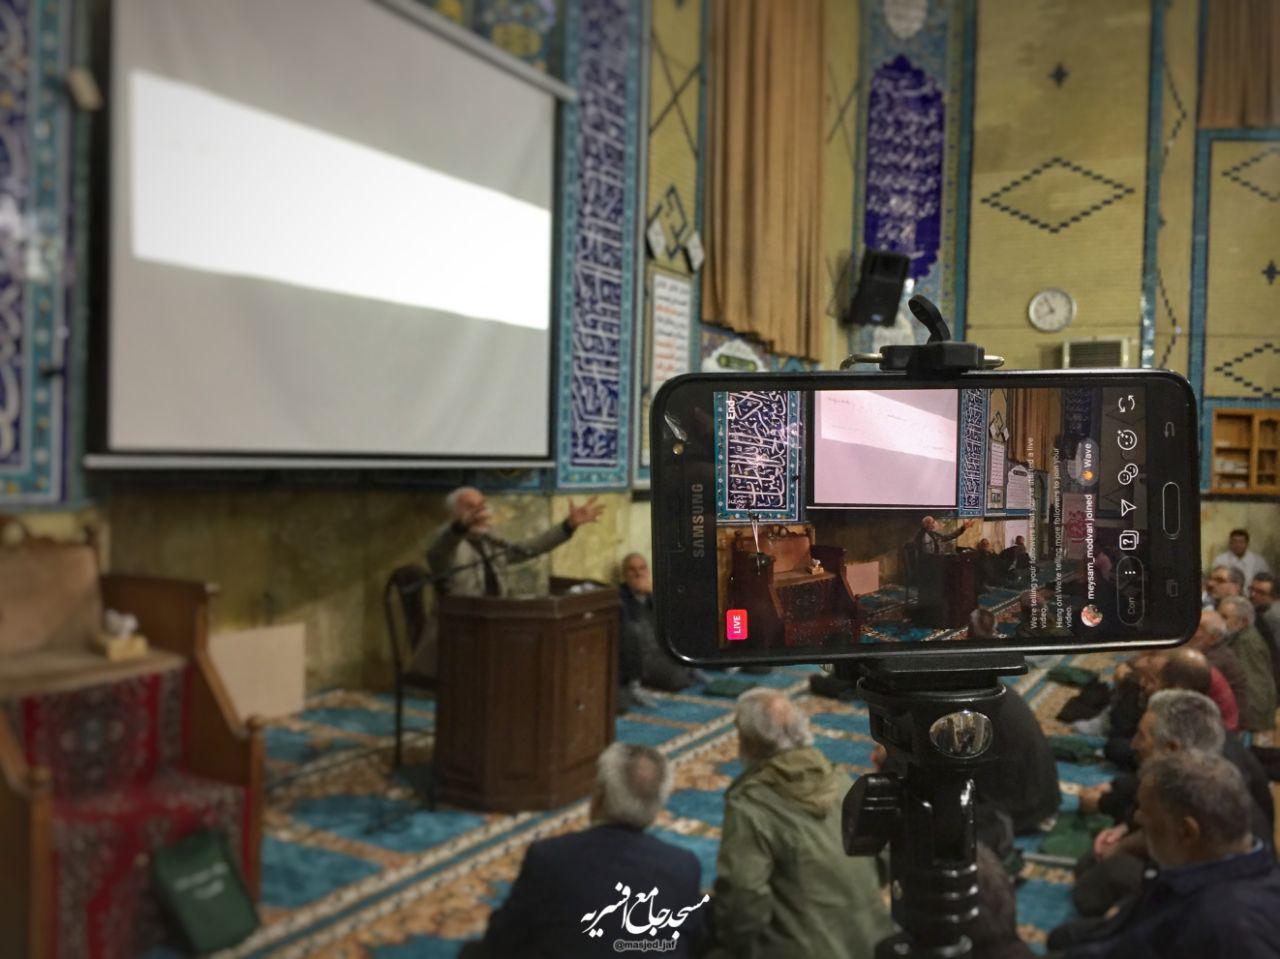 IMG 971123%20%283%29 نقل از تصویری؛ سخنرانی استاد حسن عباسی با موضوع چهل سالگی انقلاب اسلامی و همچنين افق های پیش رو